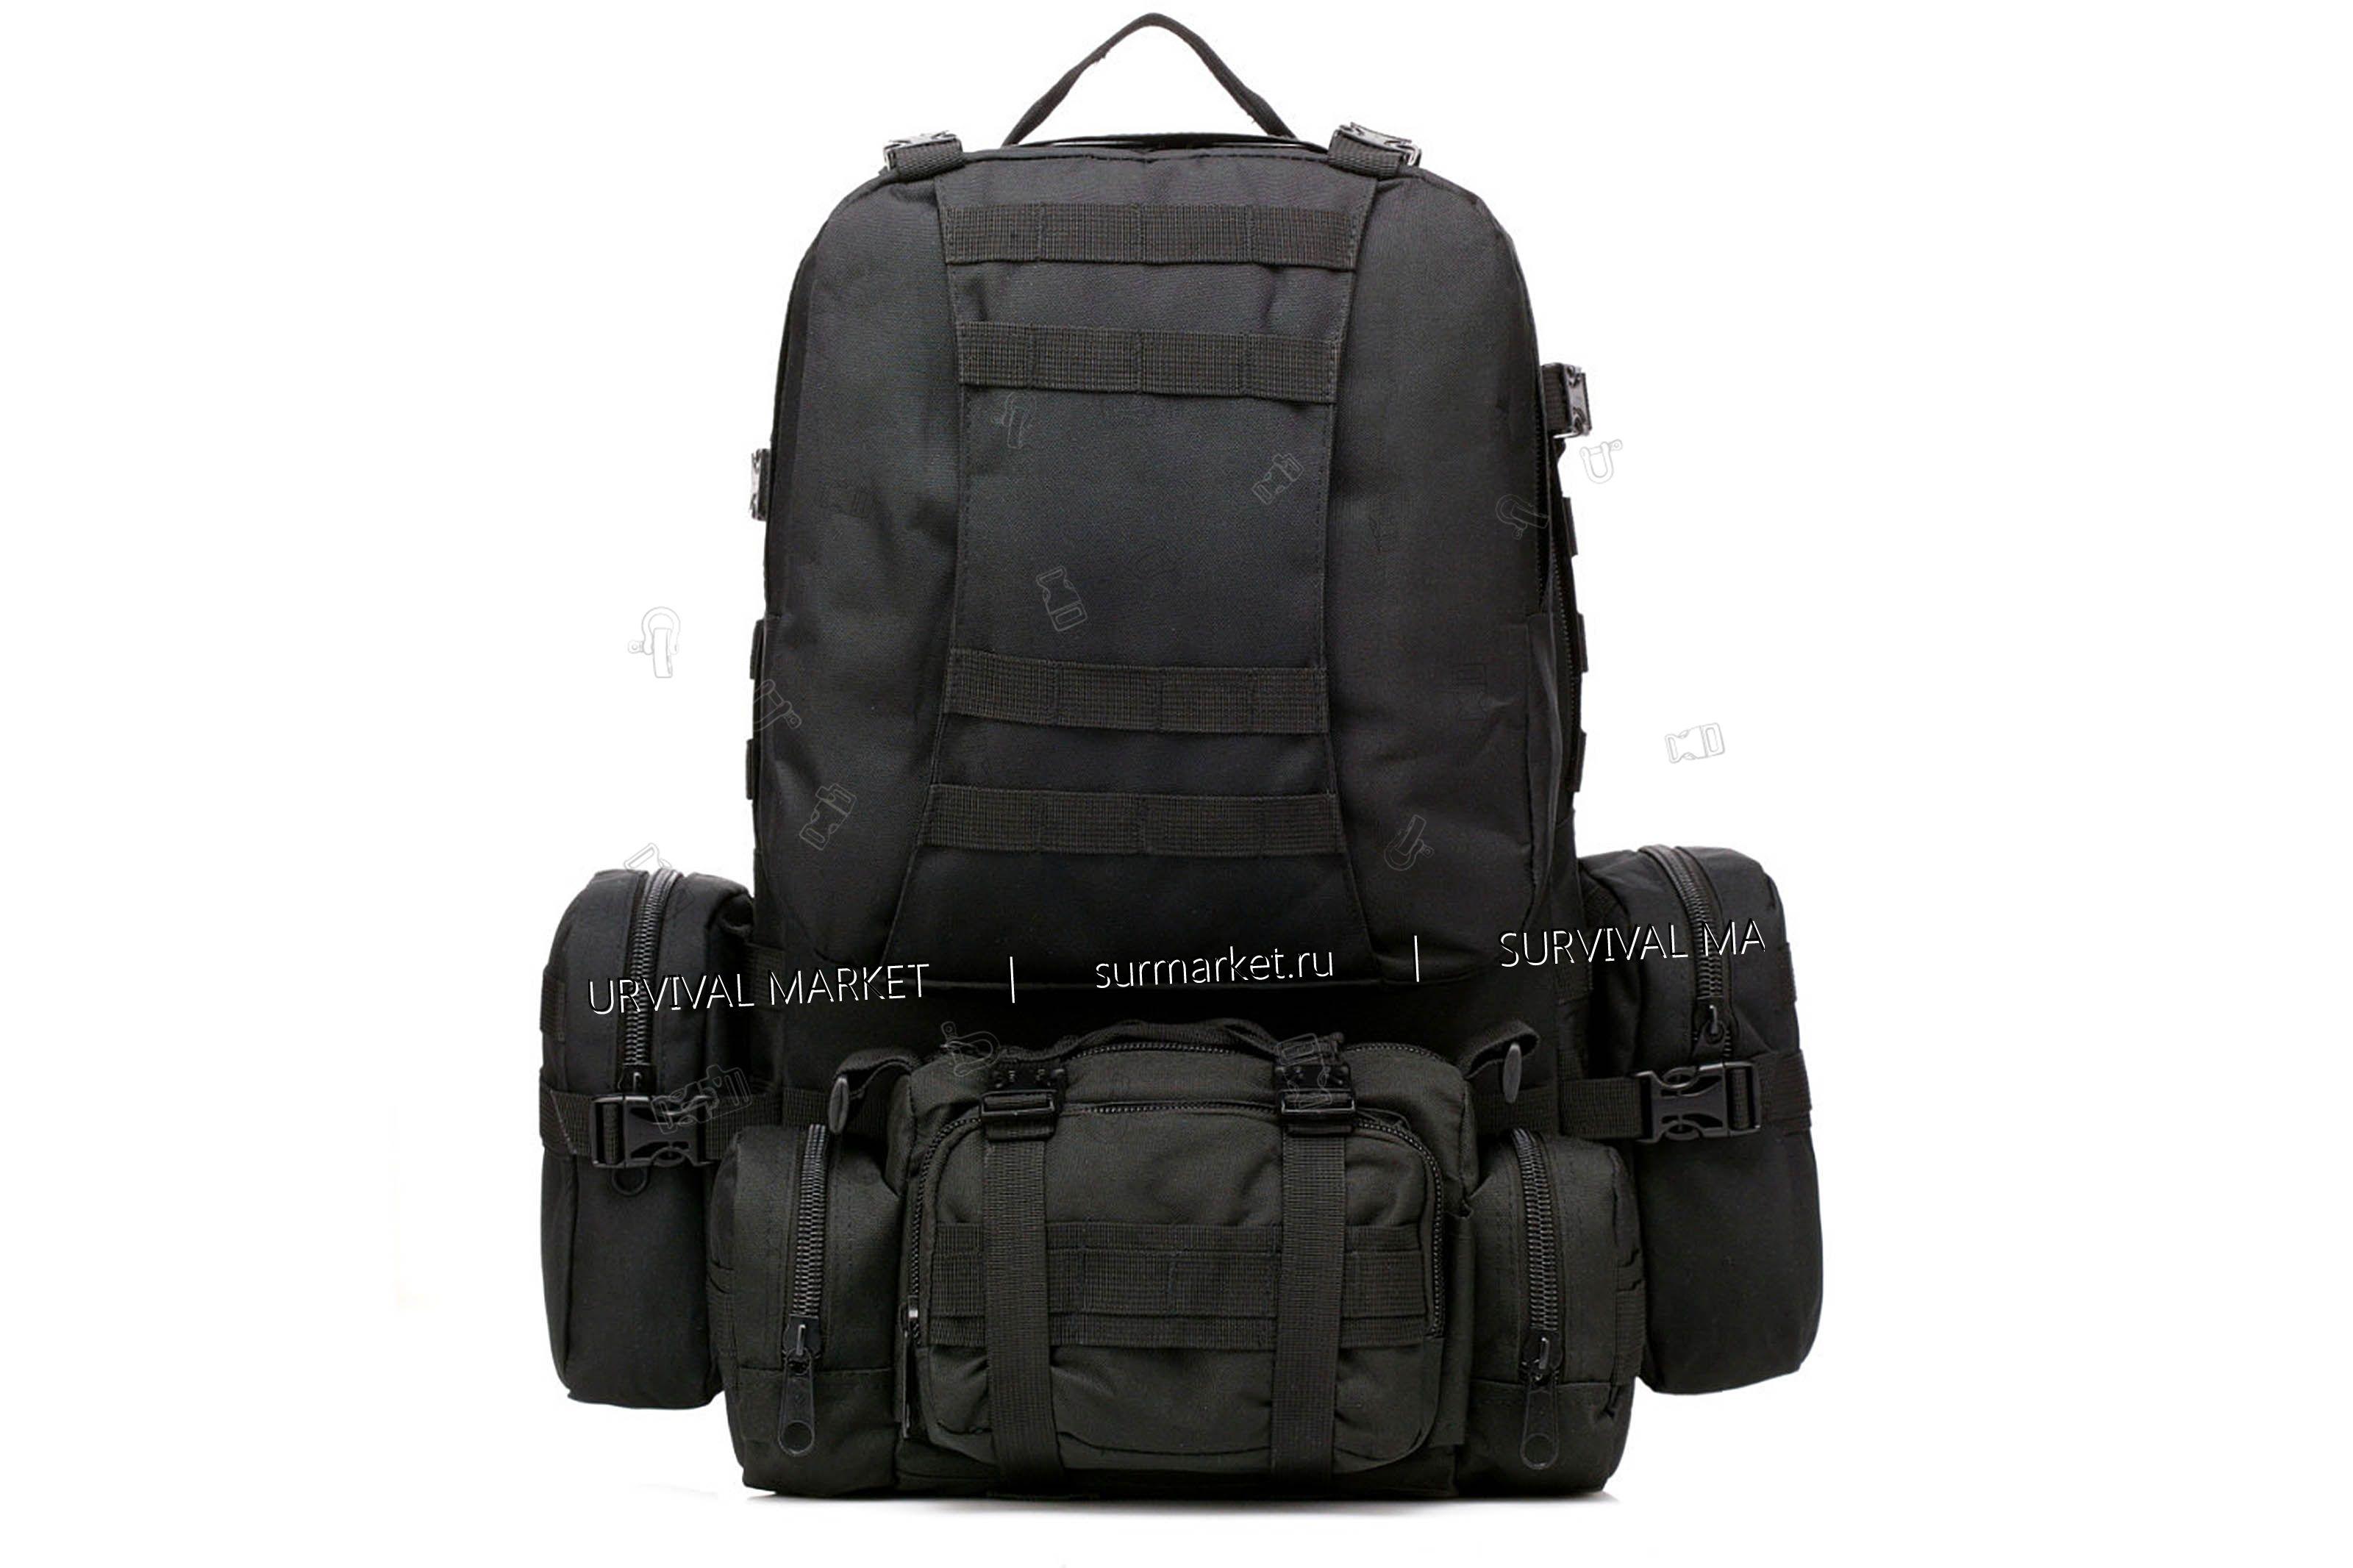 Спорттовары рюкзаки для поездки оптом дорожные сумки производства симферополь